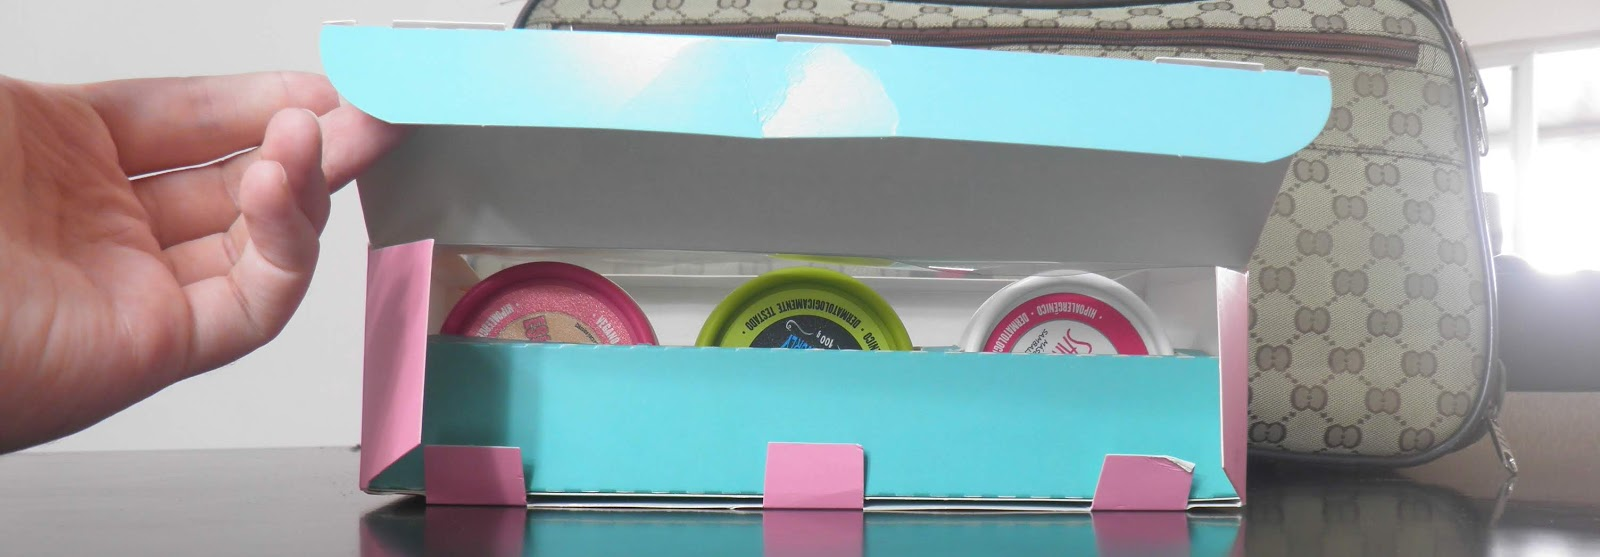 Embalagem Clássicos de Lolete Vegano e Liberado para Low Poo e No Poo